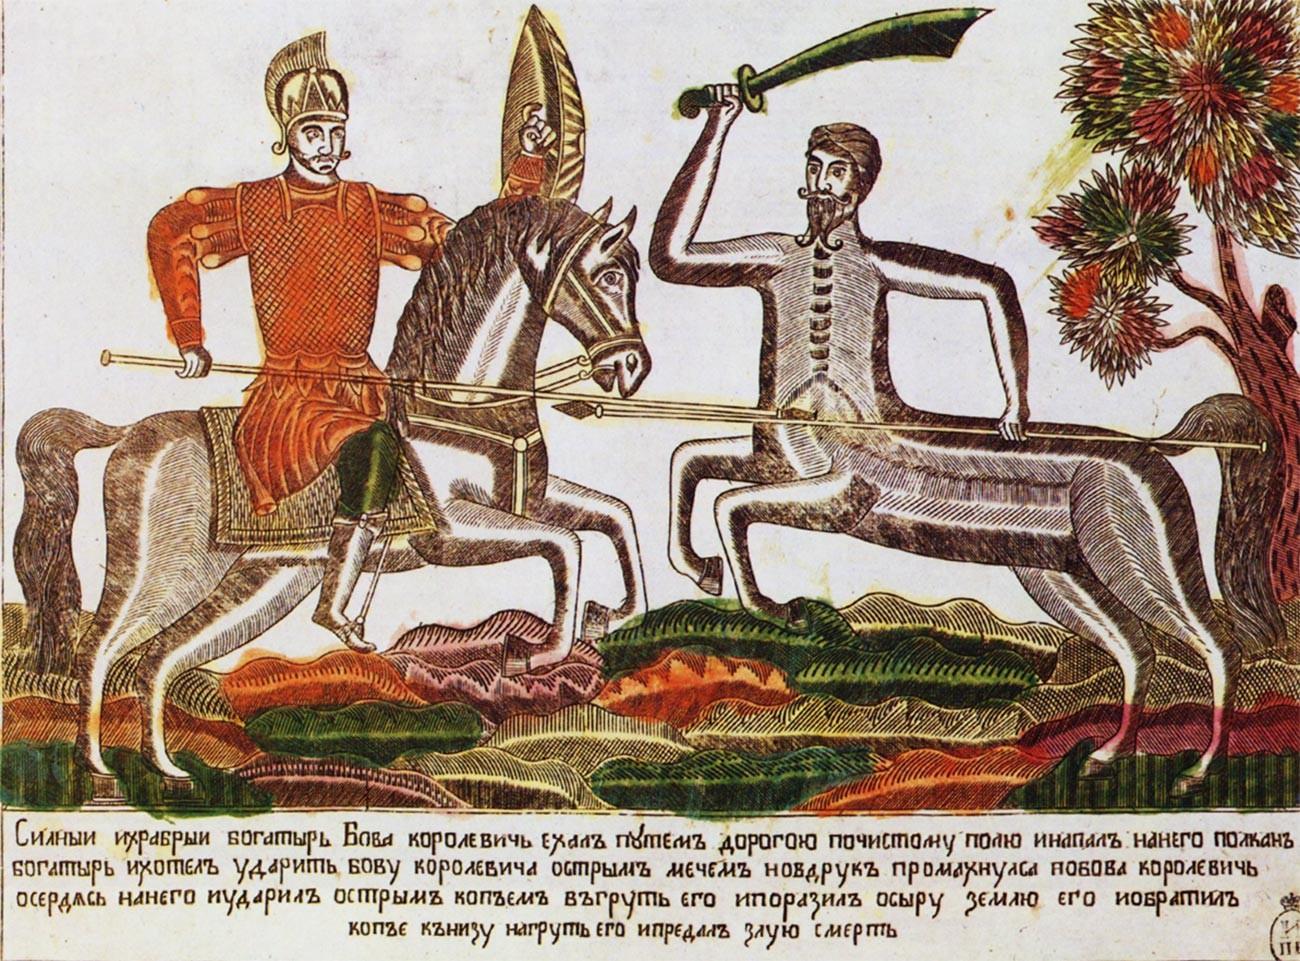 ルボーク「ボーヴァ・コロレヴィチとボガトゥイリのポルカン」、19世紀